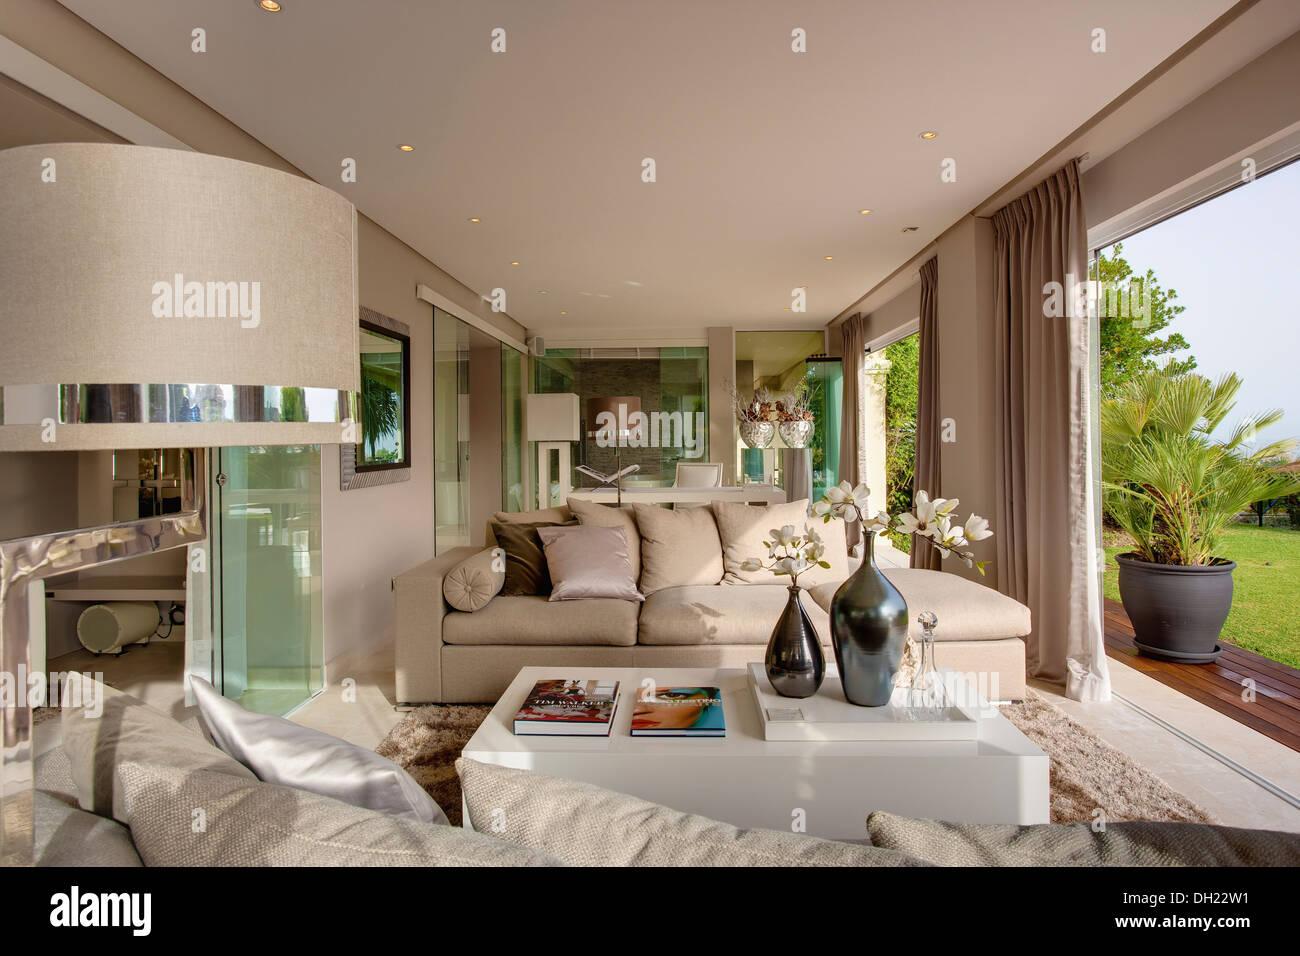 Bequeme Sofas Und Weißen Plexiglas Couchtisch Im Großen Wohnzimmer